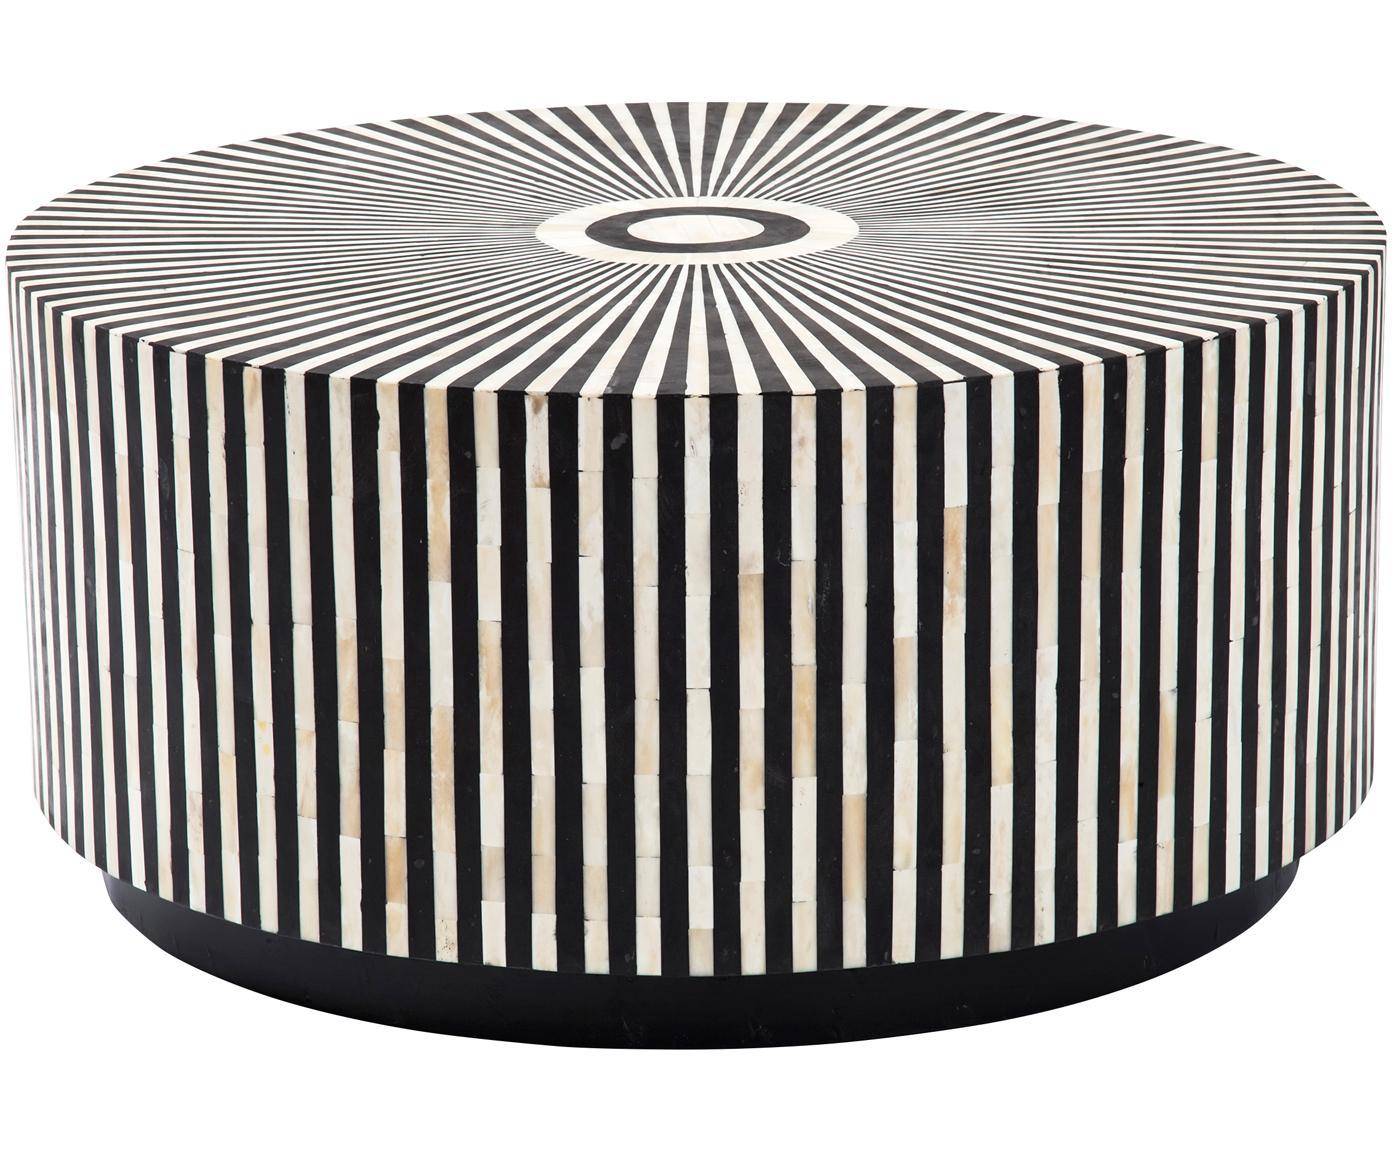 Gestreifter Couchtisch Electra in Schwarz Weiß, Korpus: Holzfaserplatte, Oberfläche: Kamelknochen, Schwarz, Weiß, Ø 75 x H 35 cm